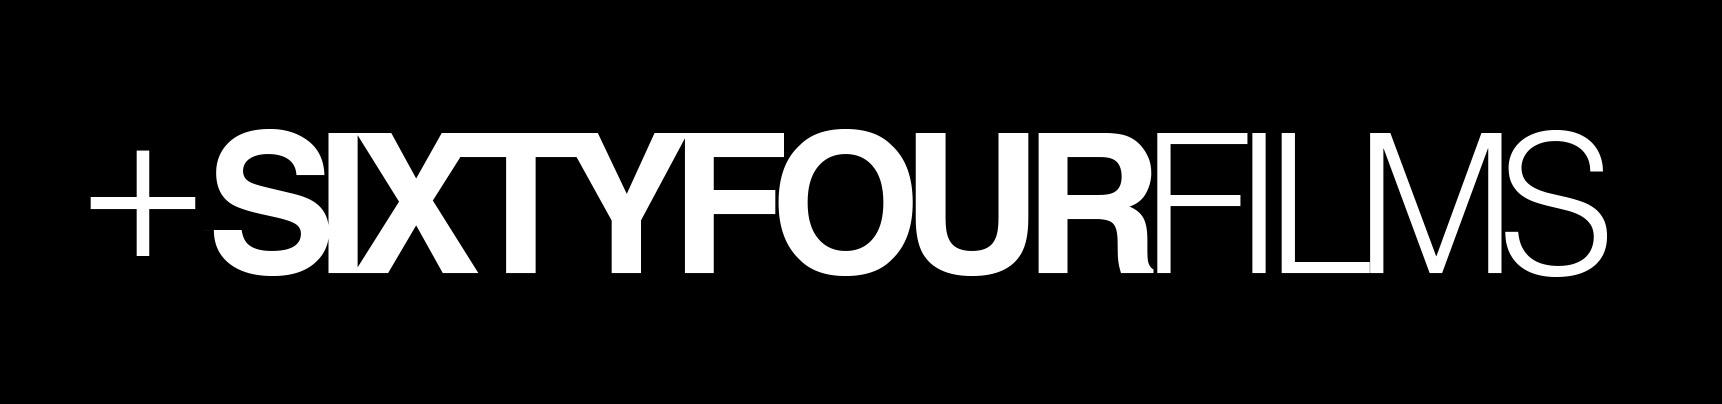 Sixtyfourfilms